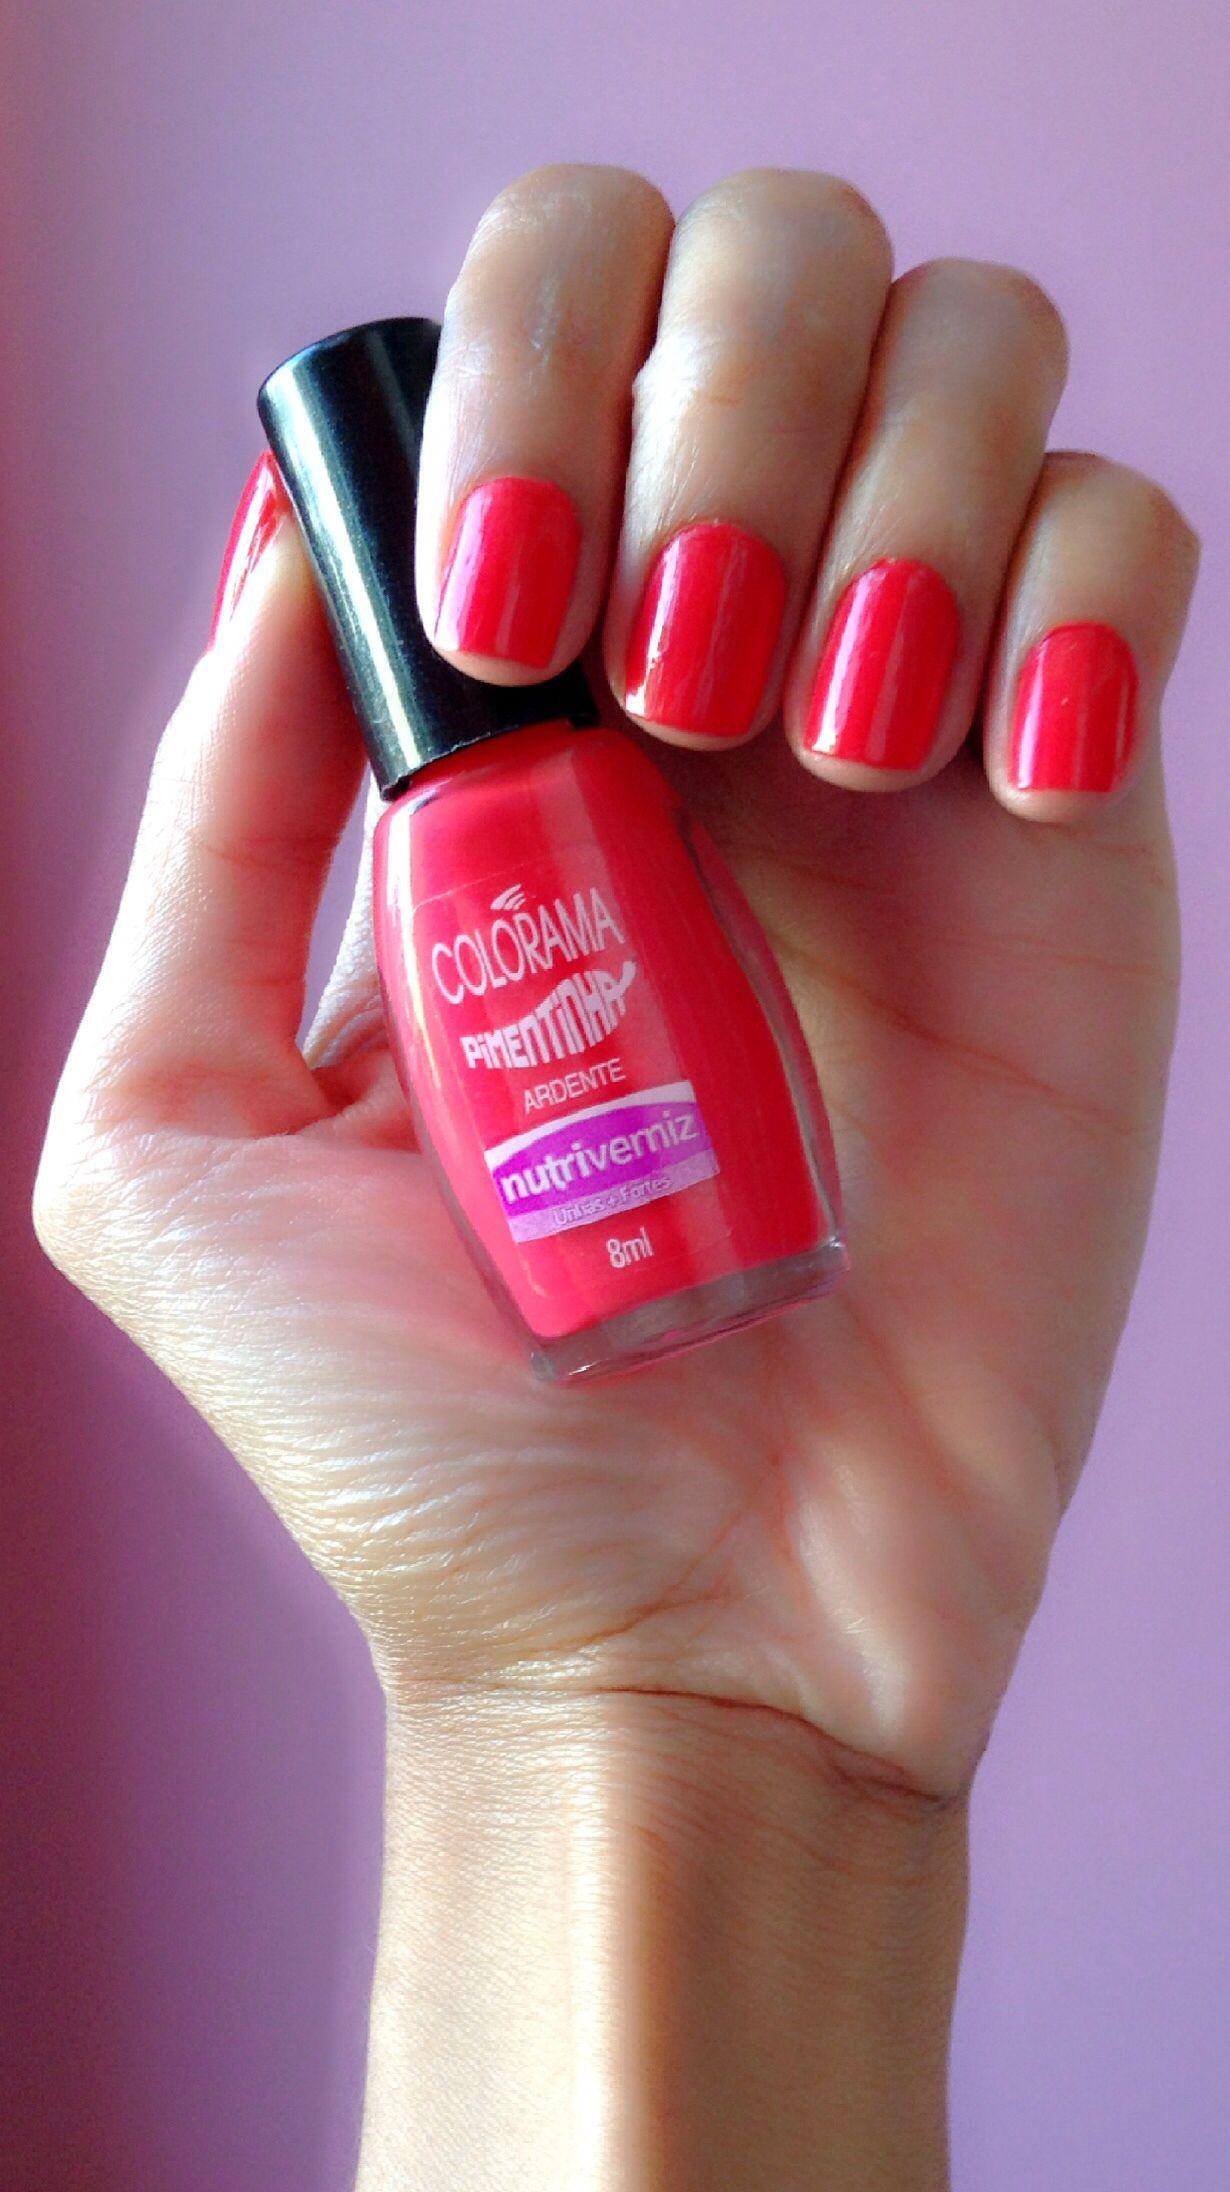 #nails #polish #manicure #unhas #esmalte #colorama #pimentinha #ardente #red #vermelho